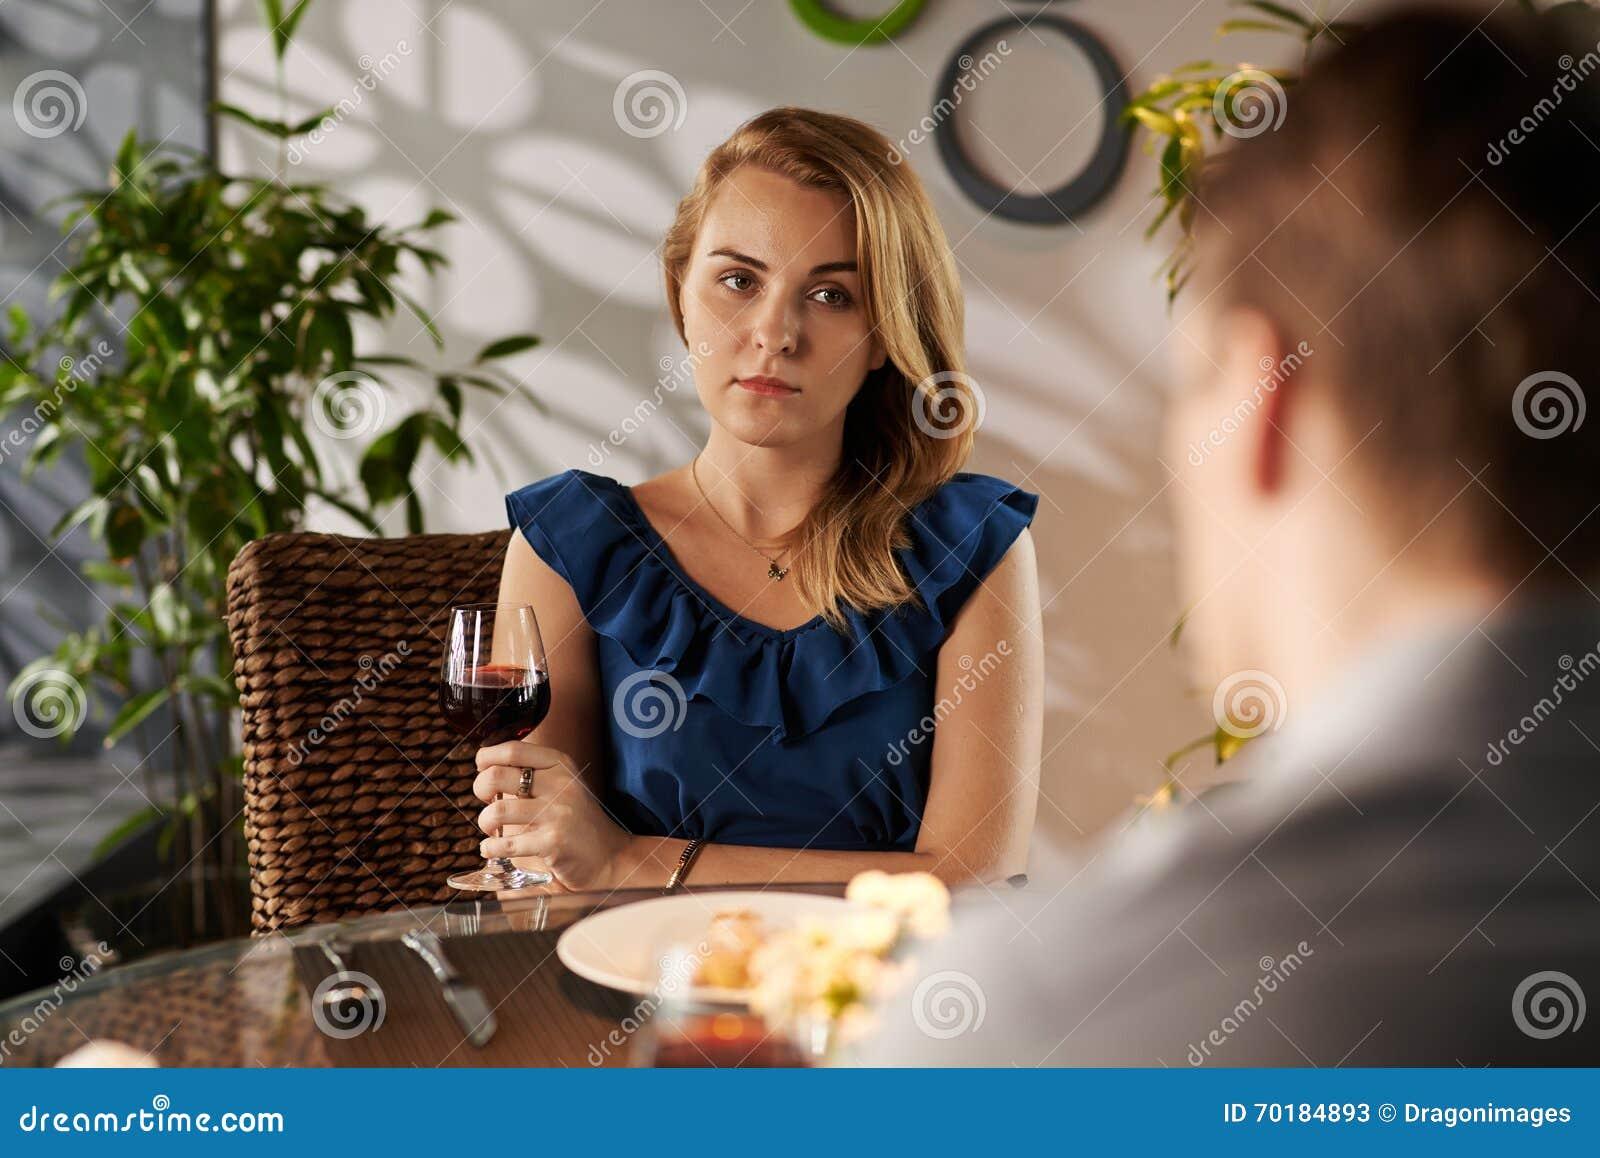 Dating in atlanta 2017